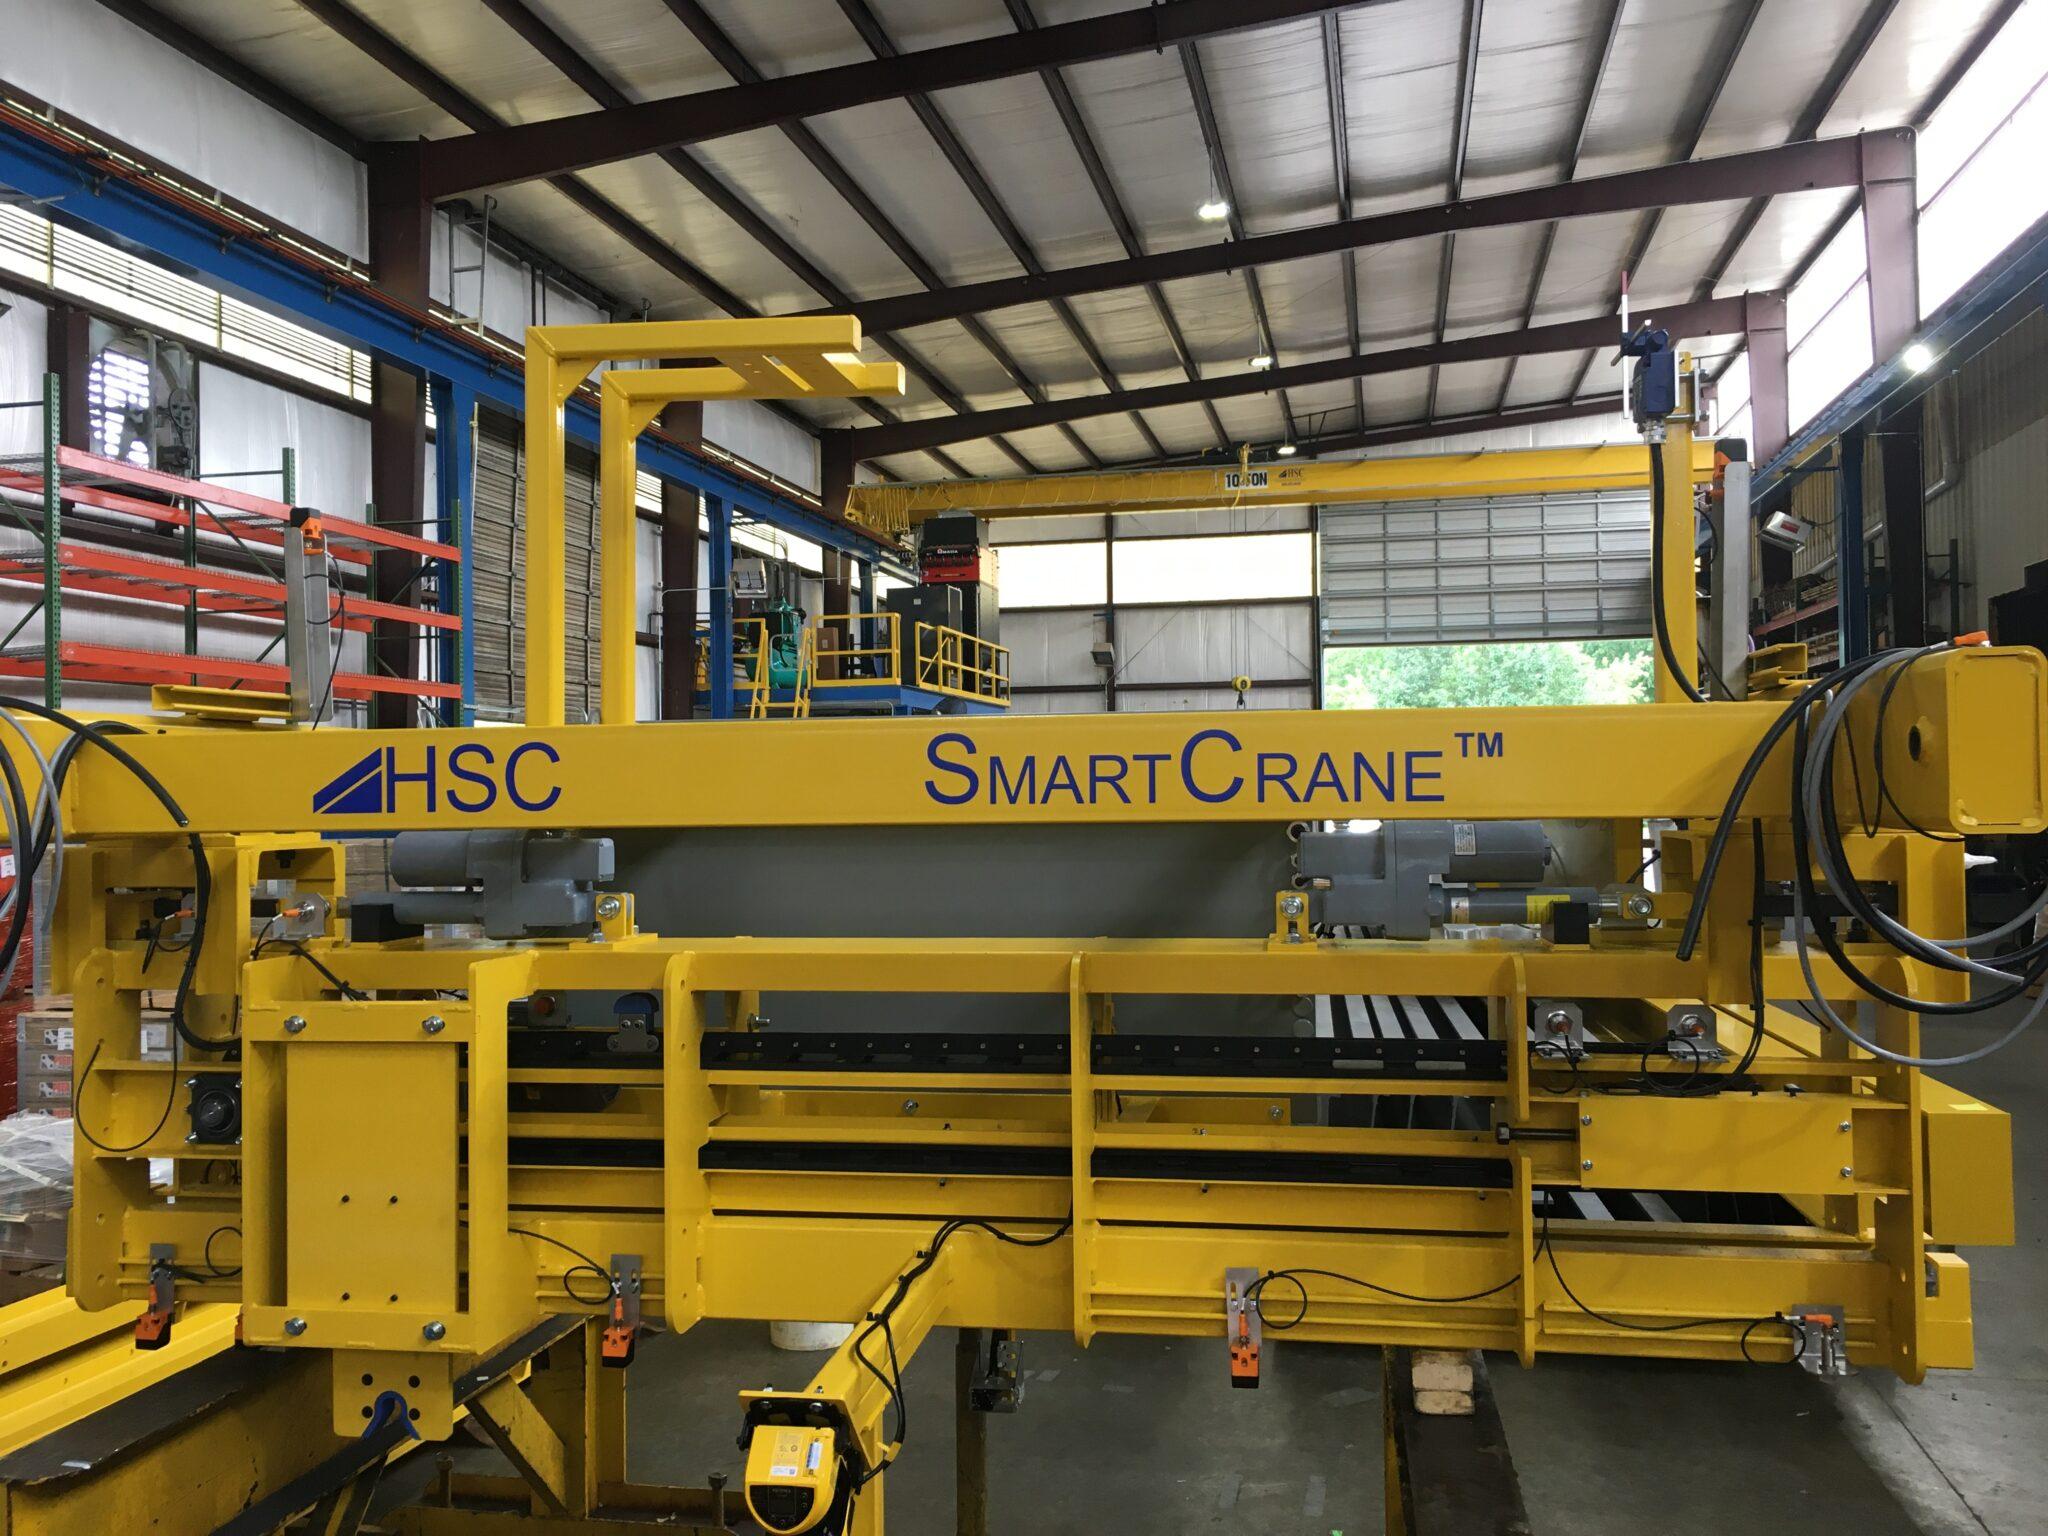 Smart Crane tm Brand